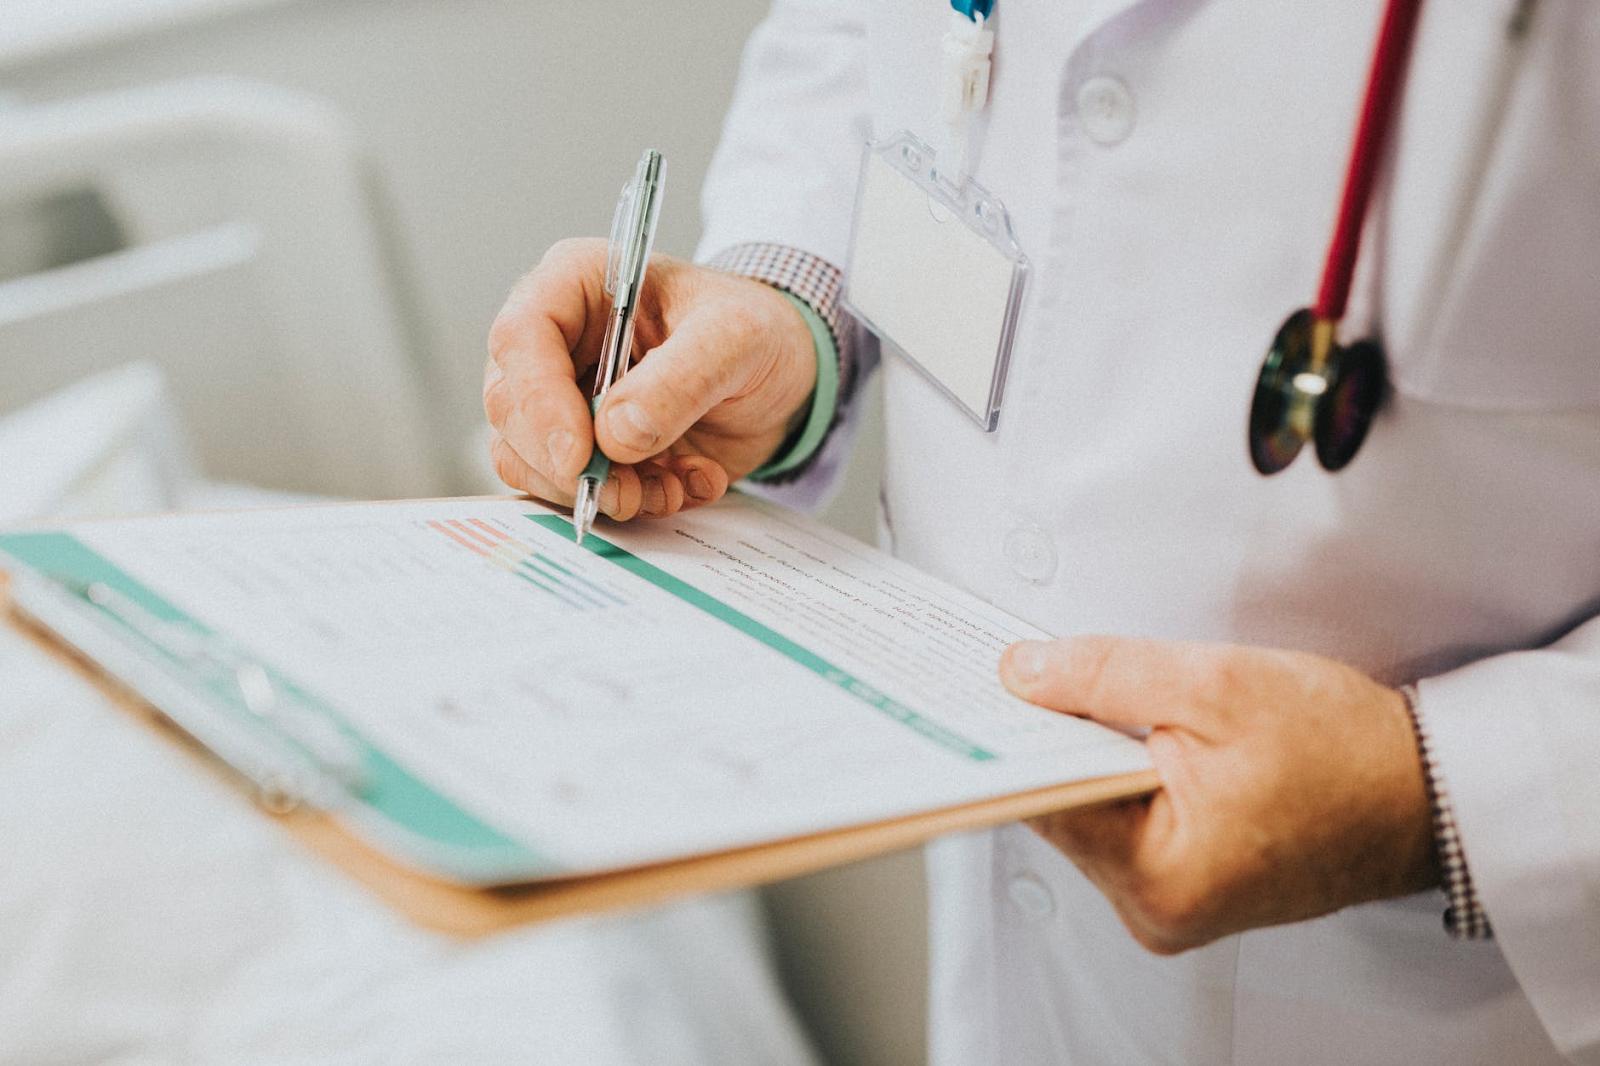 5 alternative nonchirurgicale cu rezultate benefice pentru pacienti